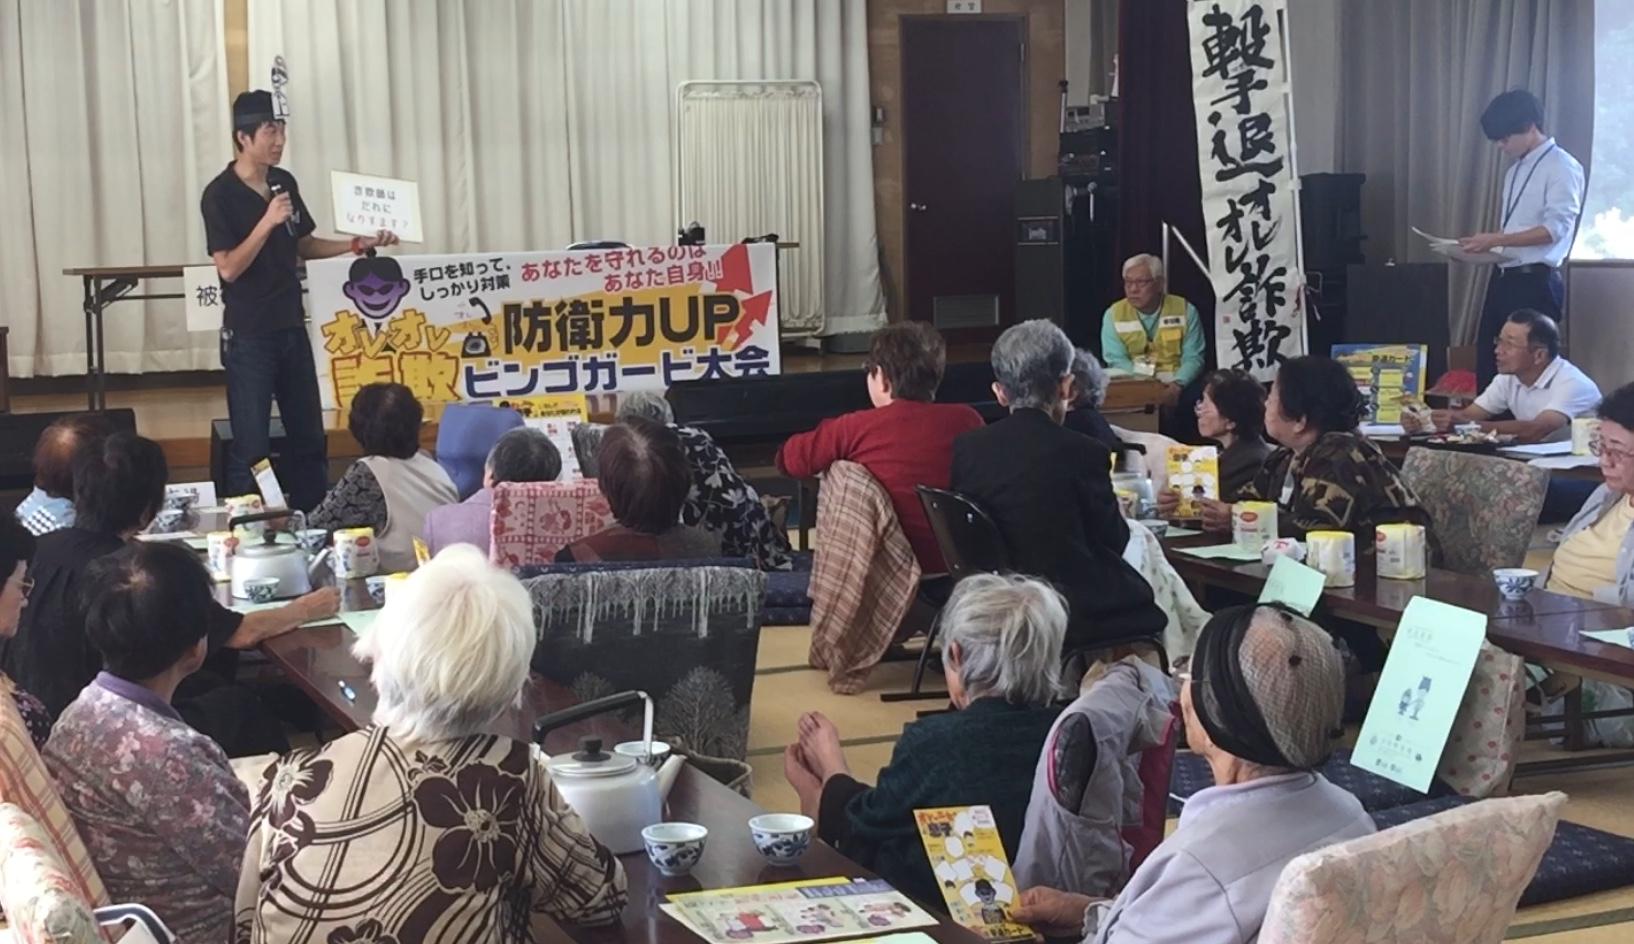 開催が幸田町老人福祉センターで行われ、飛び入りで少しお話しさせて頂きました。回を重ねるごとに寸劇ストーリーに磨きがかかっていて勉強させて頂きました。 #ビンゴガイド #BingoGuard #MoaiDesign #モアイデザイン